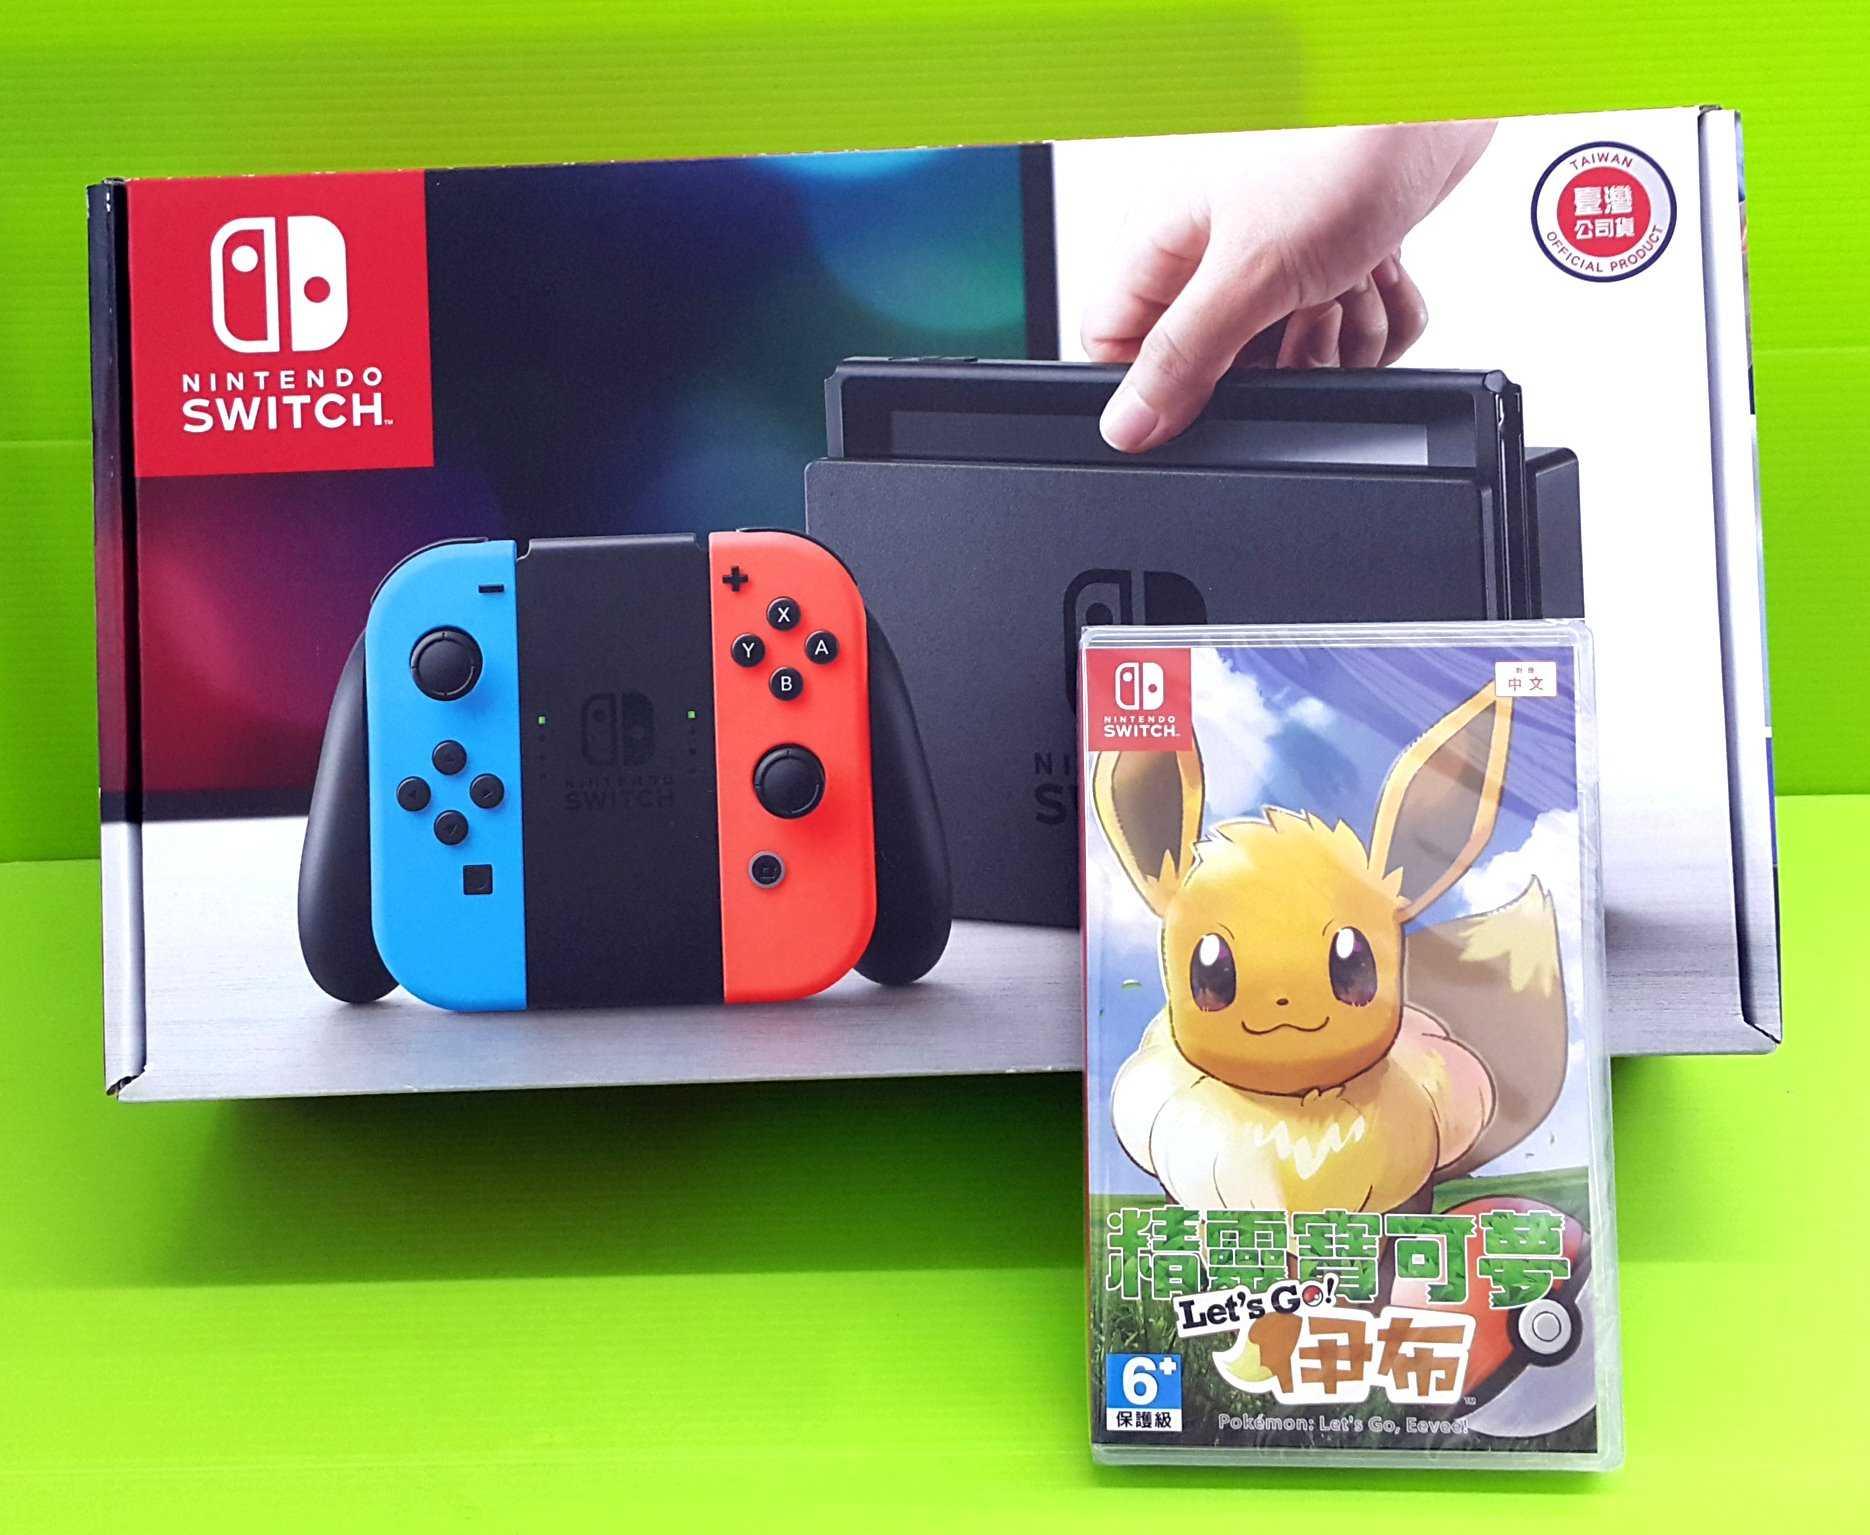 任天堂 Switch NS 臺灣公司貨(含精靈寶可夢-伊布 +螢幕貼+手把套)-紅藍手把